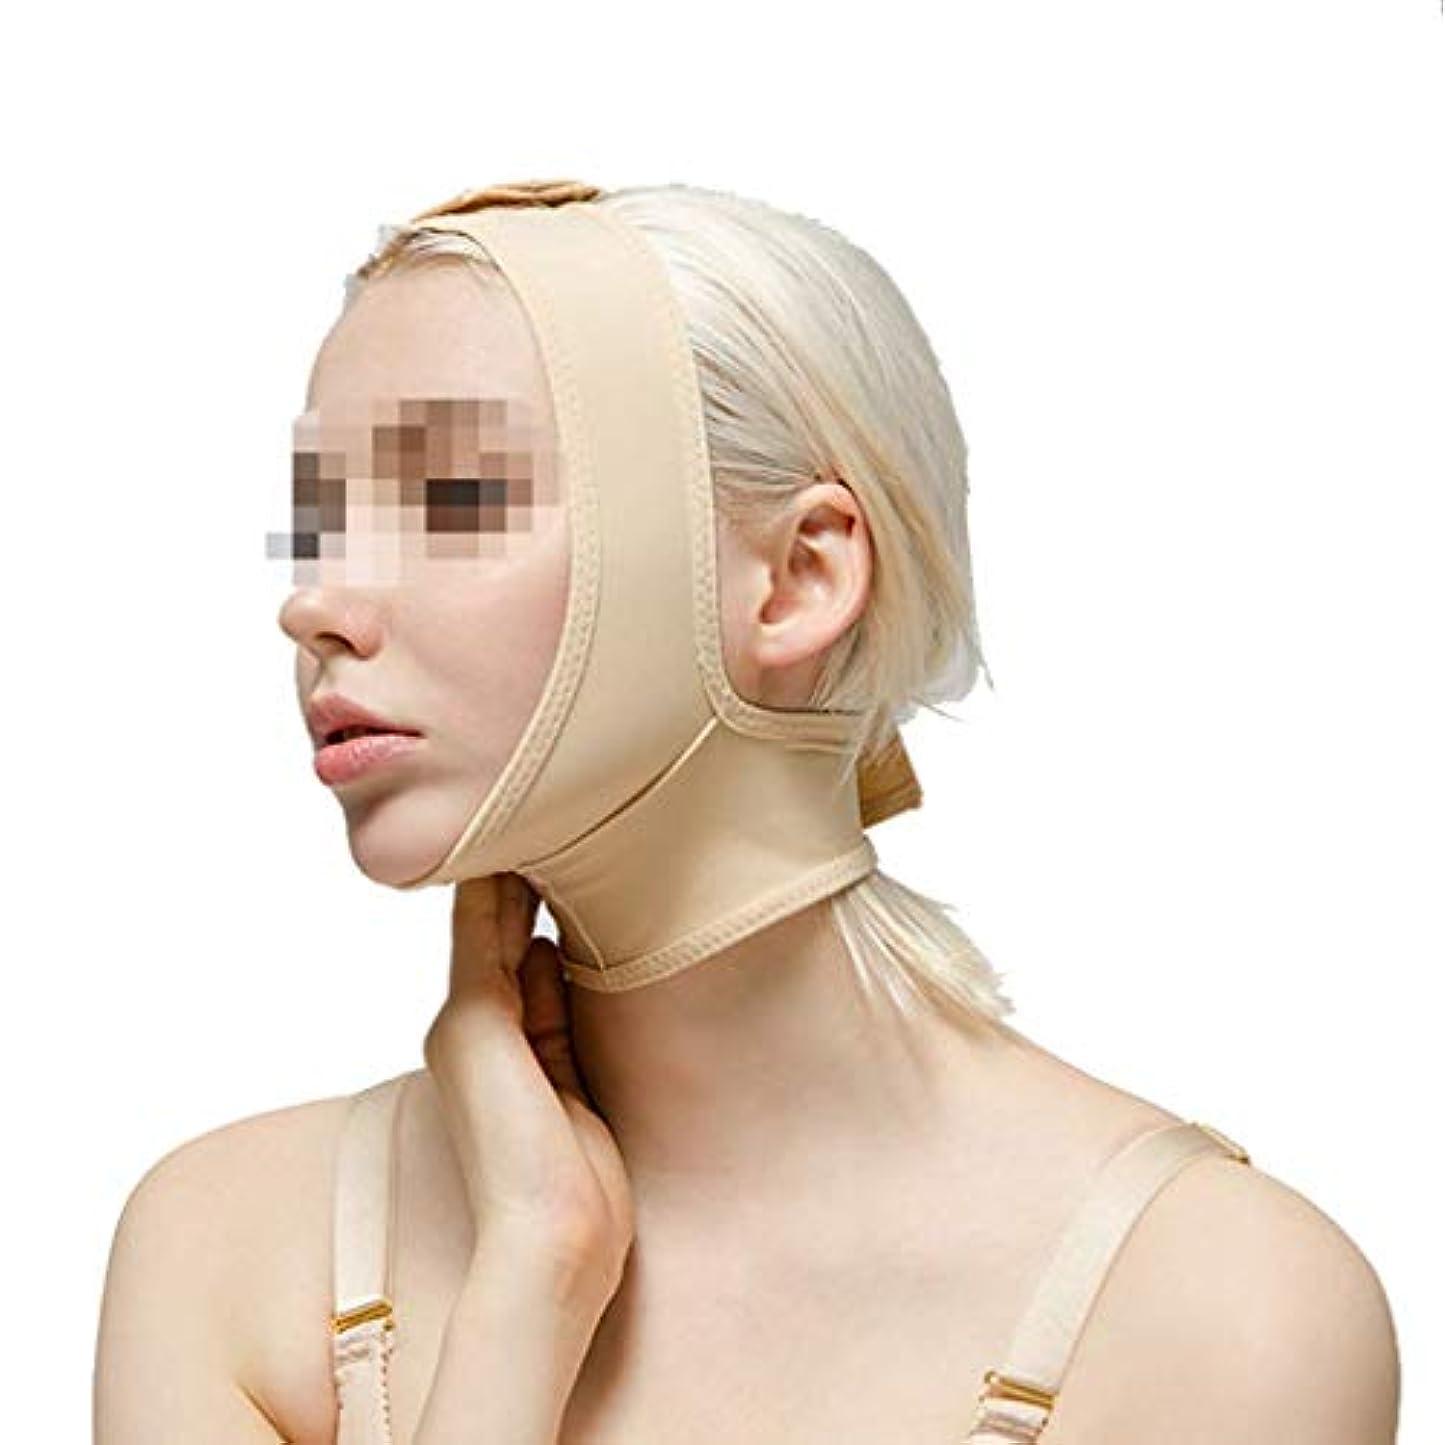 アピールみなす落ち込んでいる術後伸縮性スリーブ、下顎束フェイスバンデージフェイシャルビームダブルチンシンフェイスマスクマルチサイズオプション(サイズ:L),XL